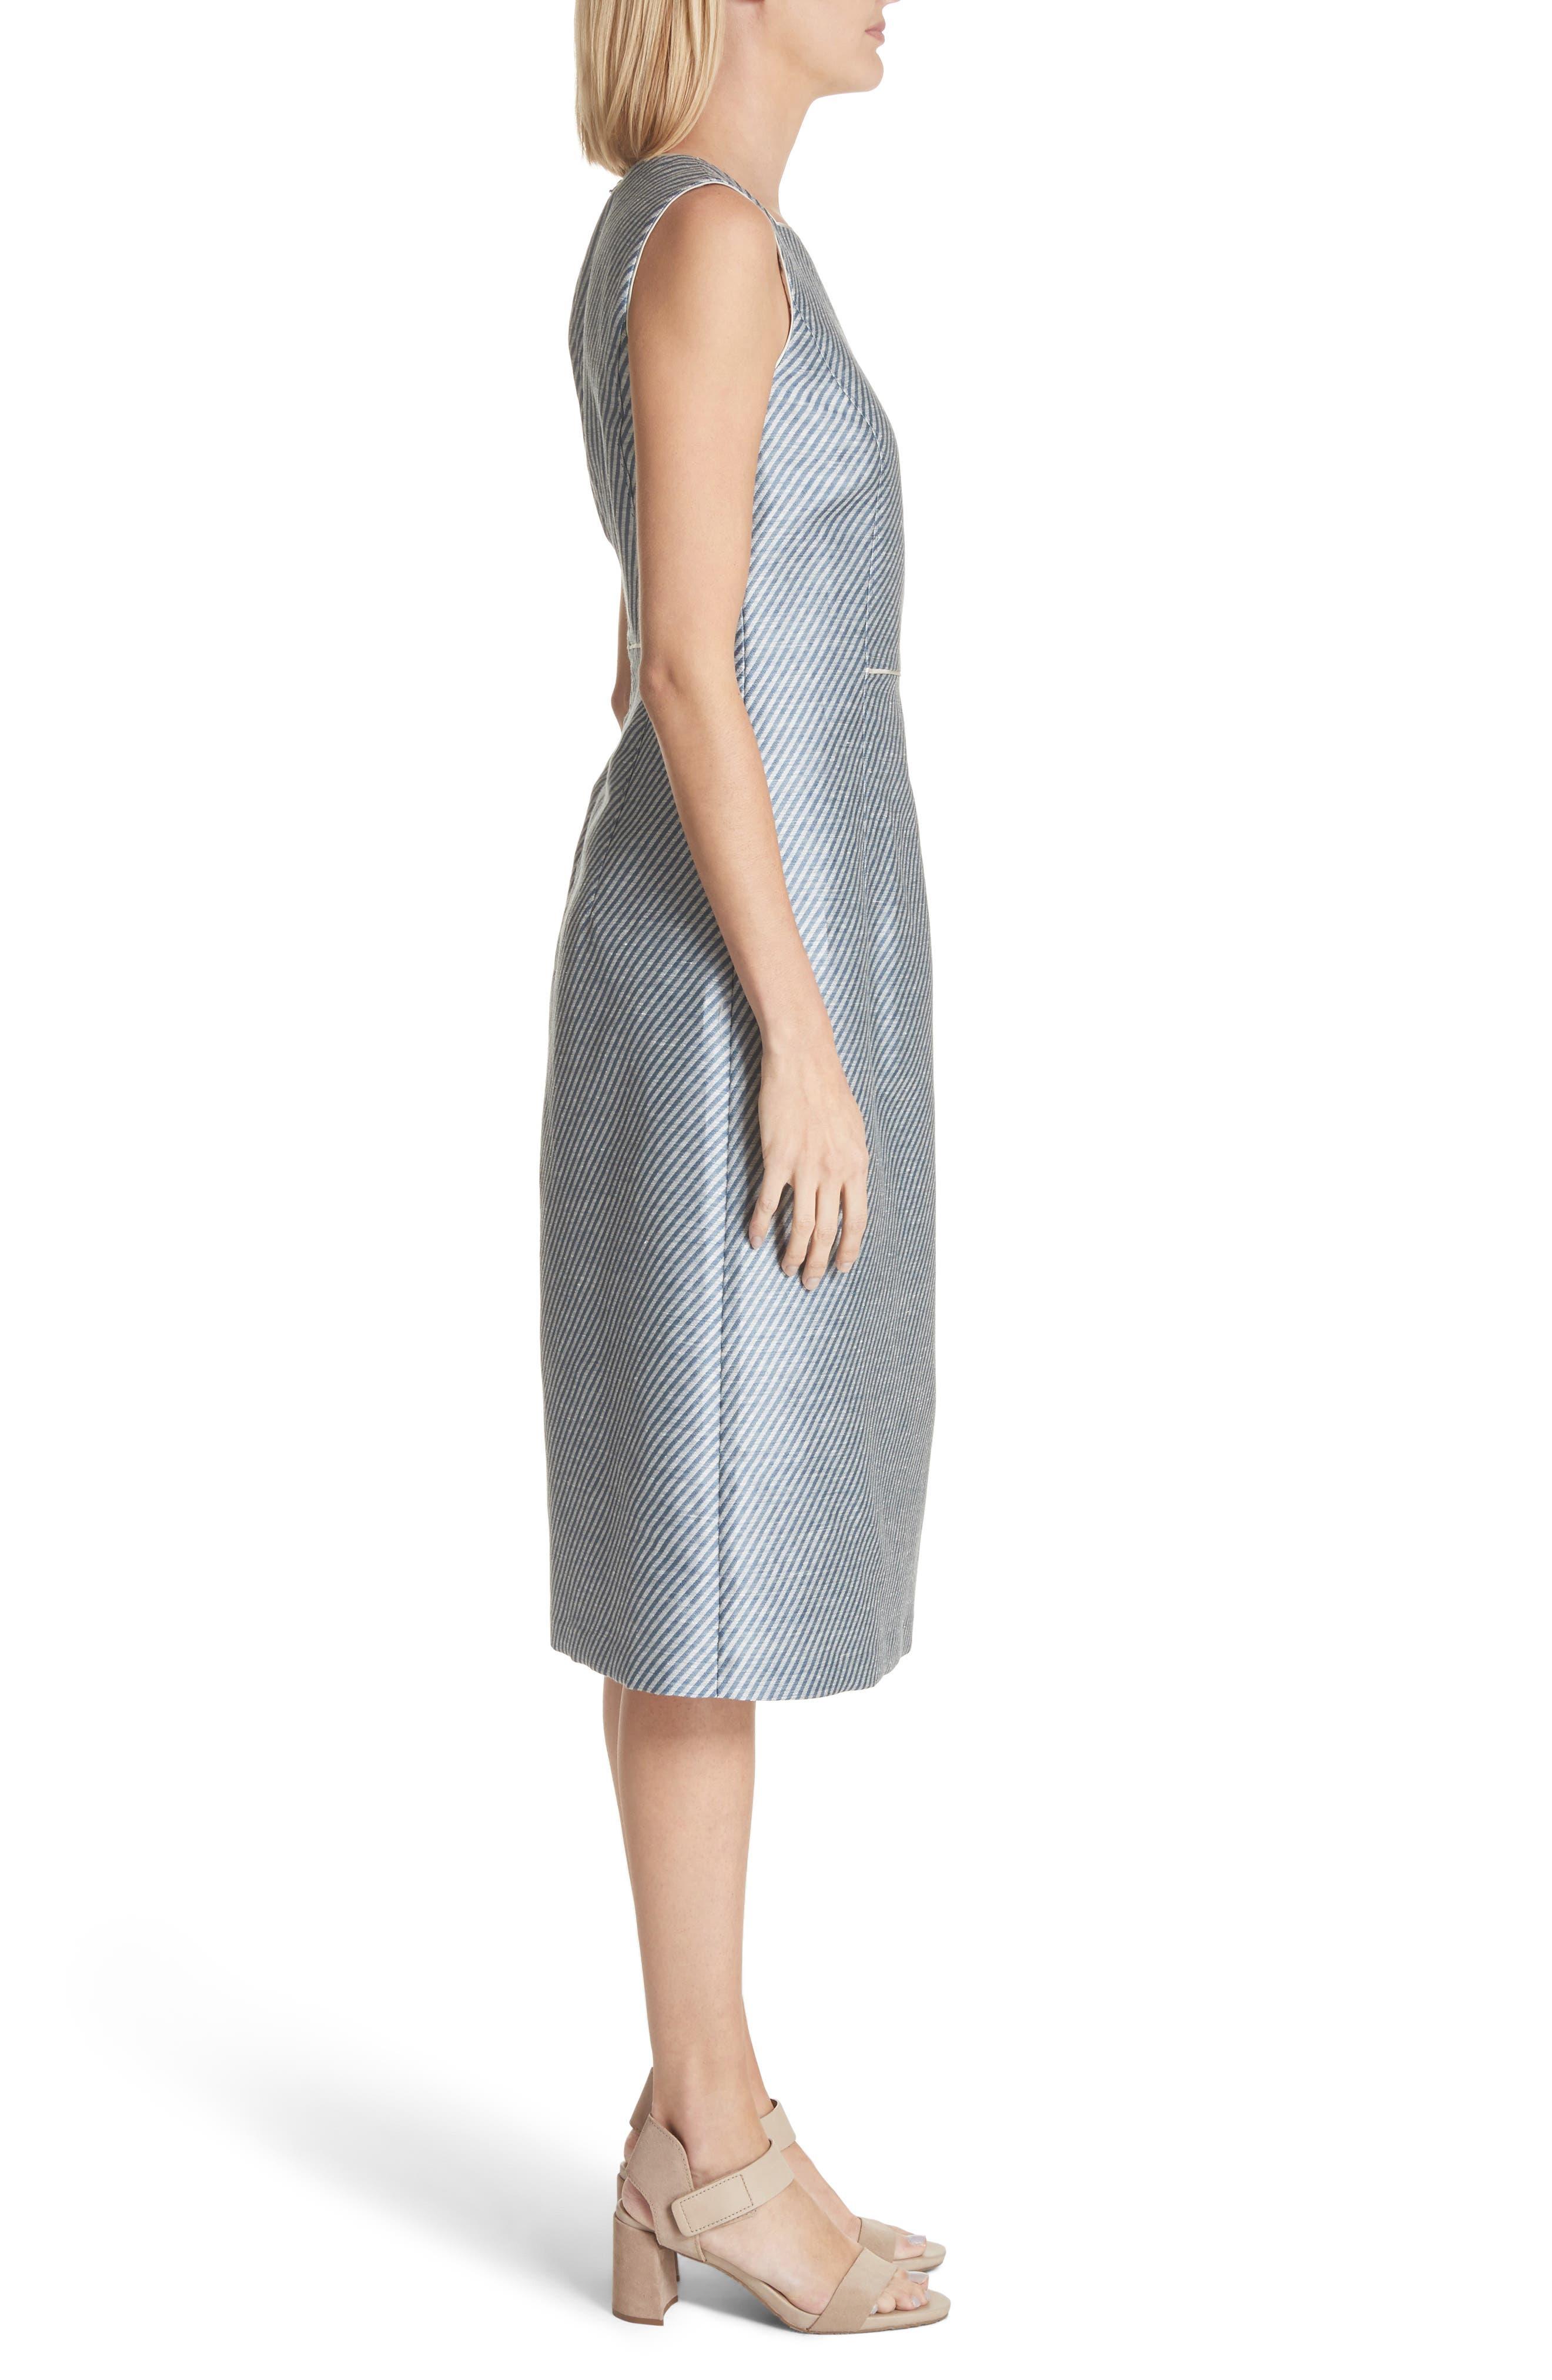 Jojo Sheath Dress,                             Alternate thumbnail 3, color,                             Glaze Blue Multi